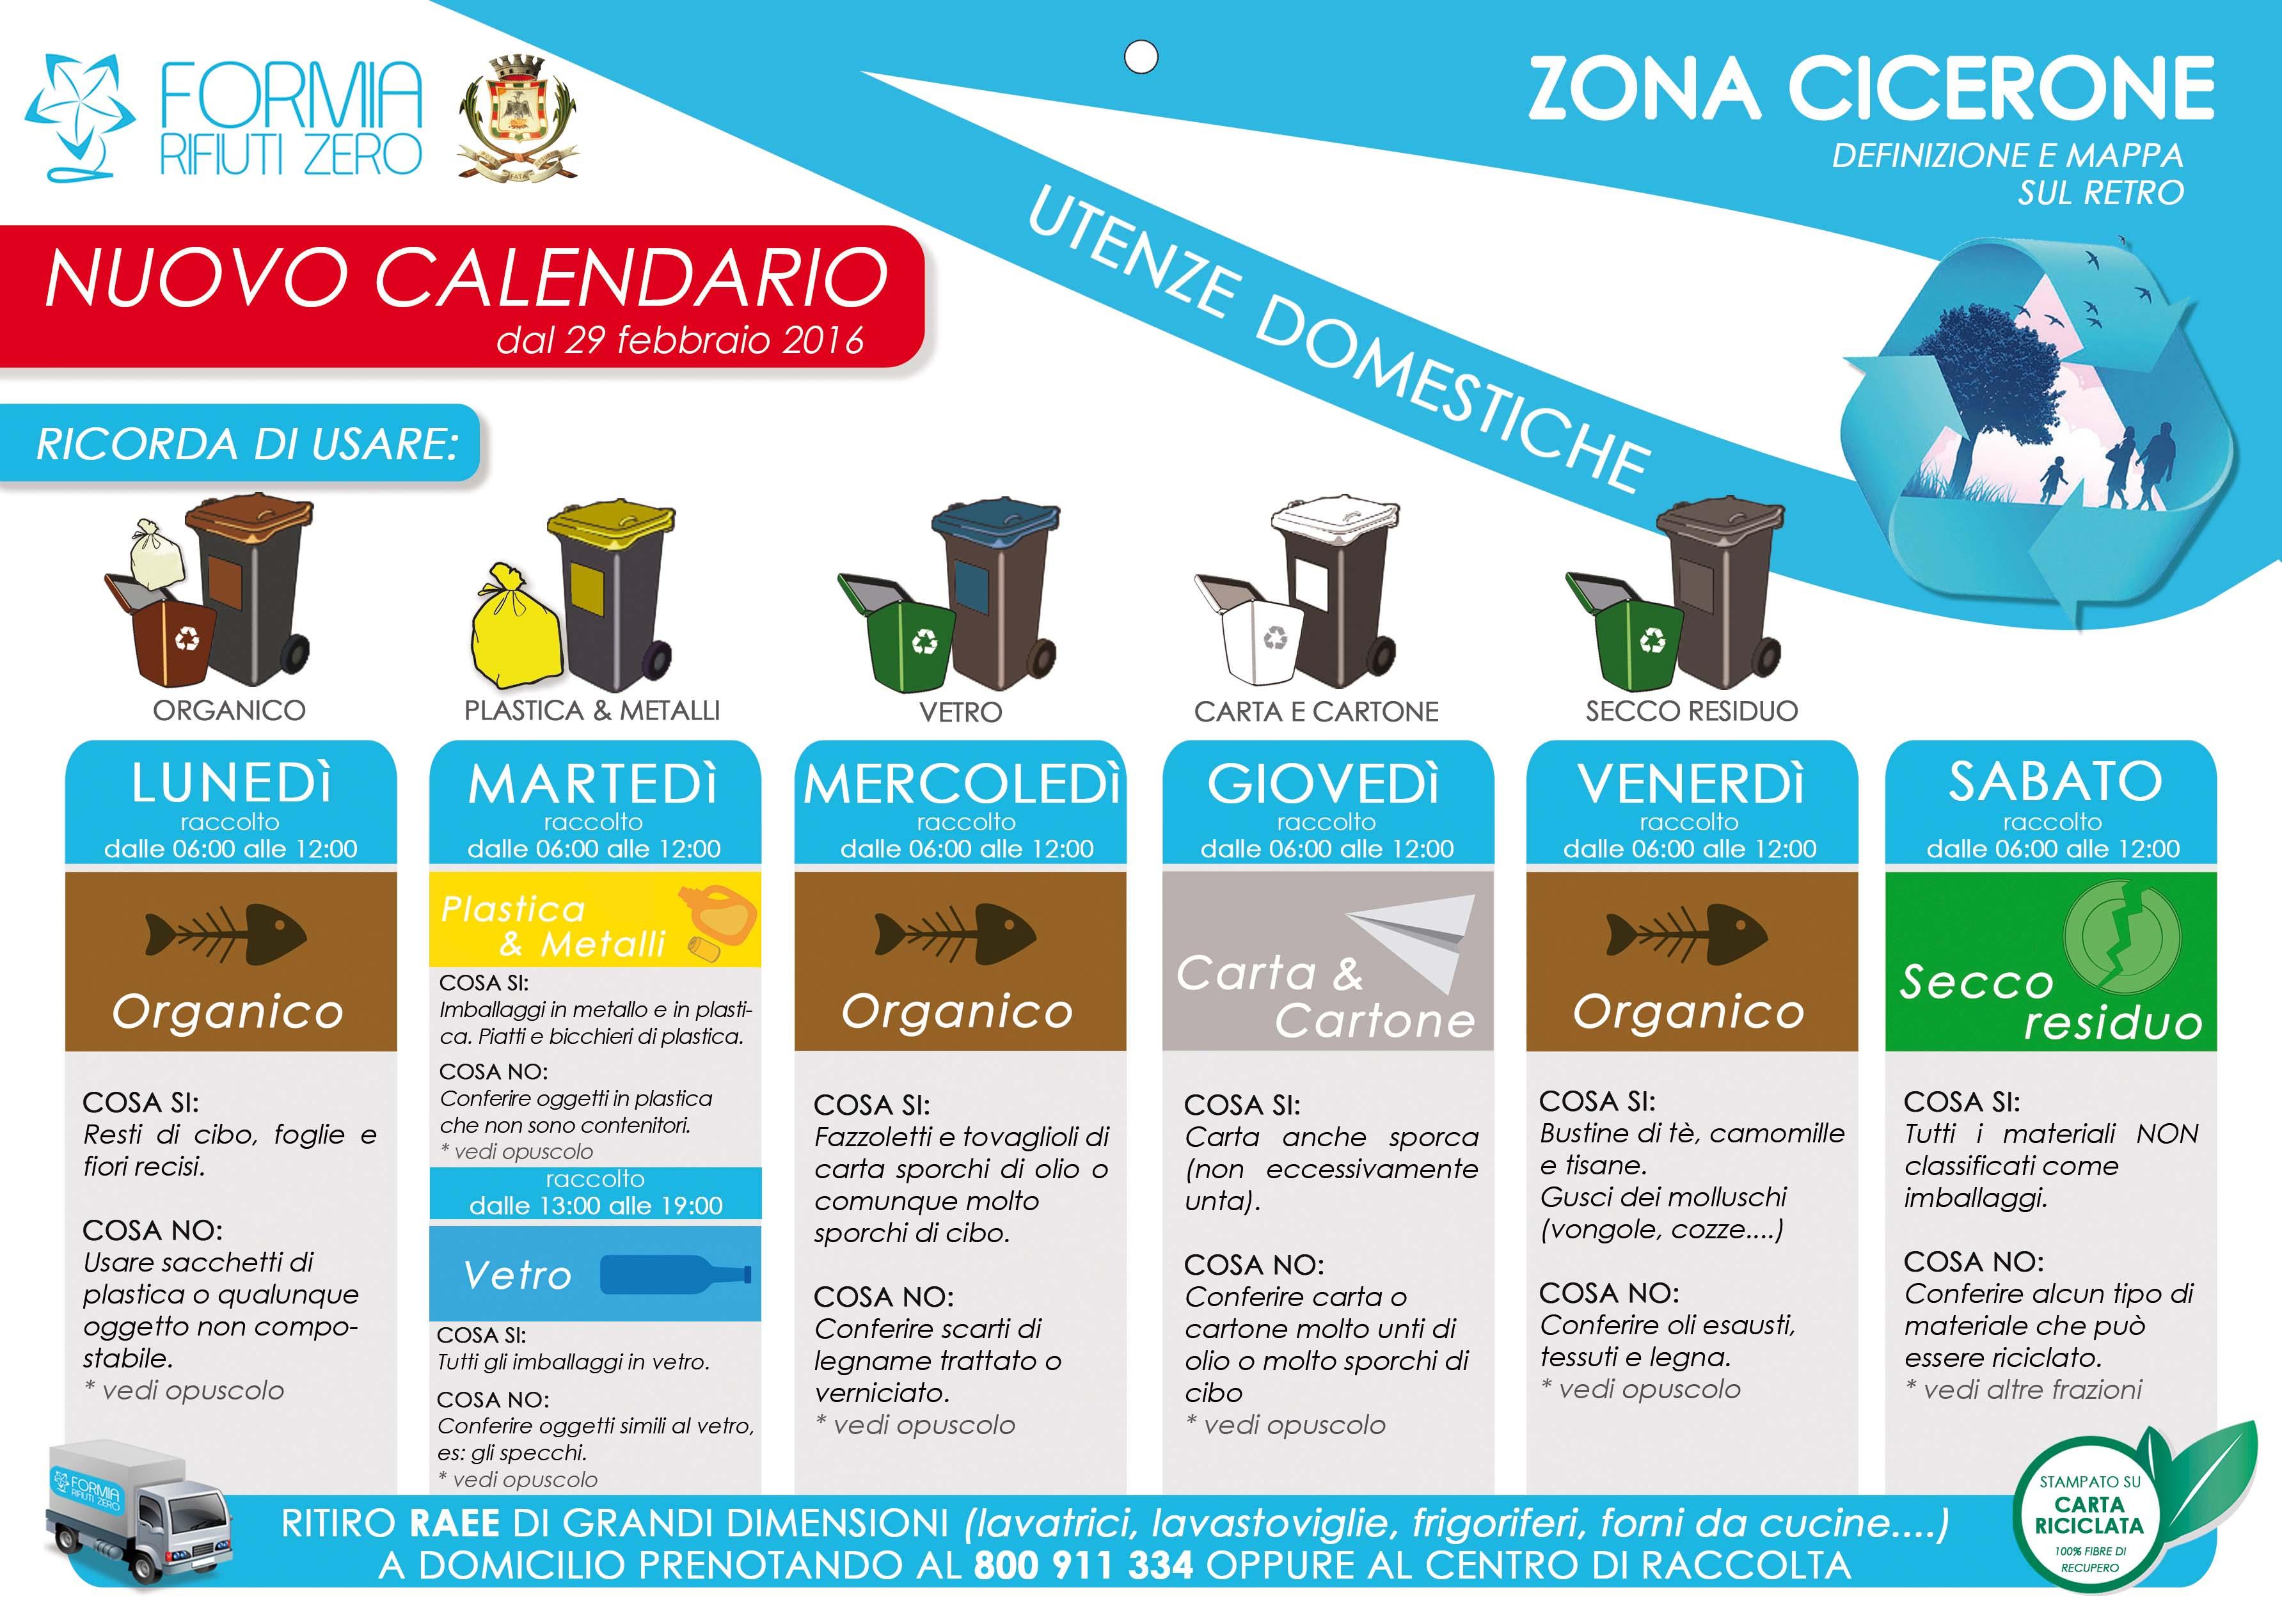 Calendario Raccolta Differenziata Napoli.Dal 29 Febbraio Cambia Il Calendario E Le Modalita Di